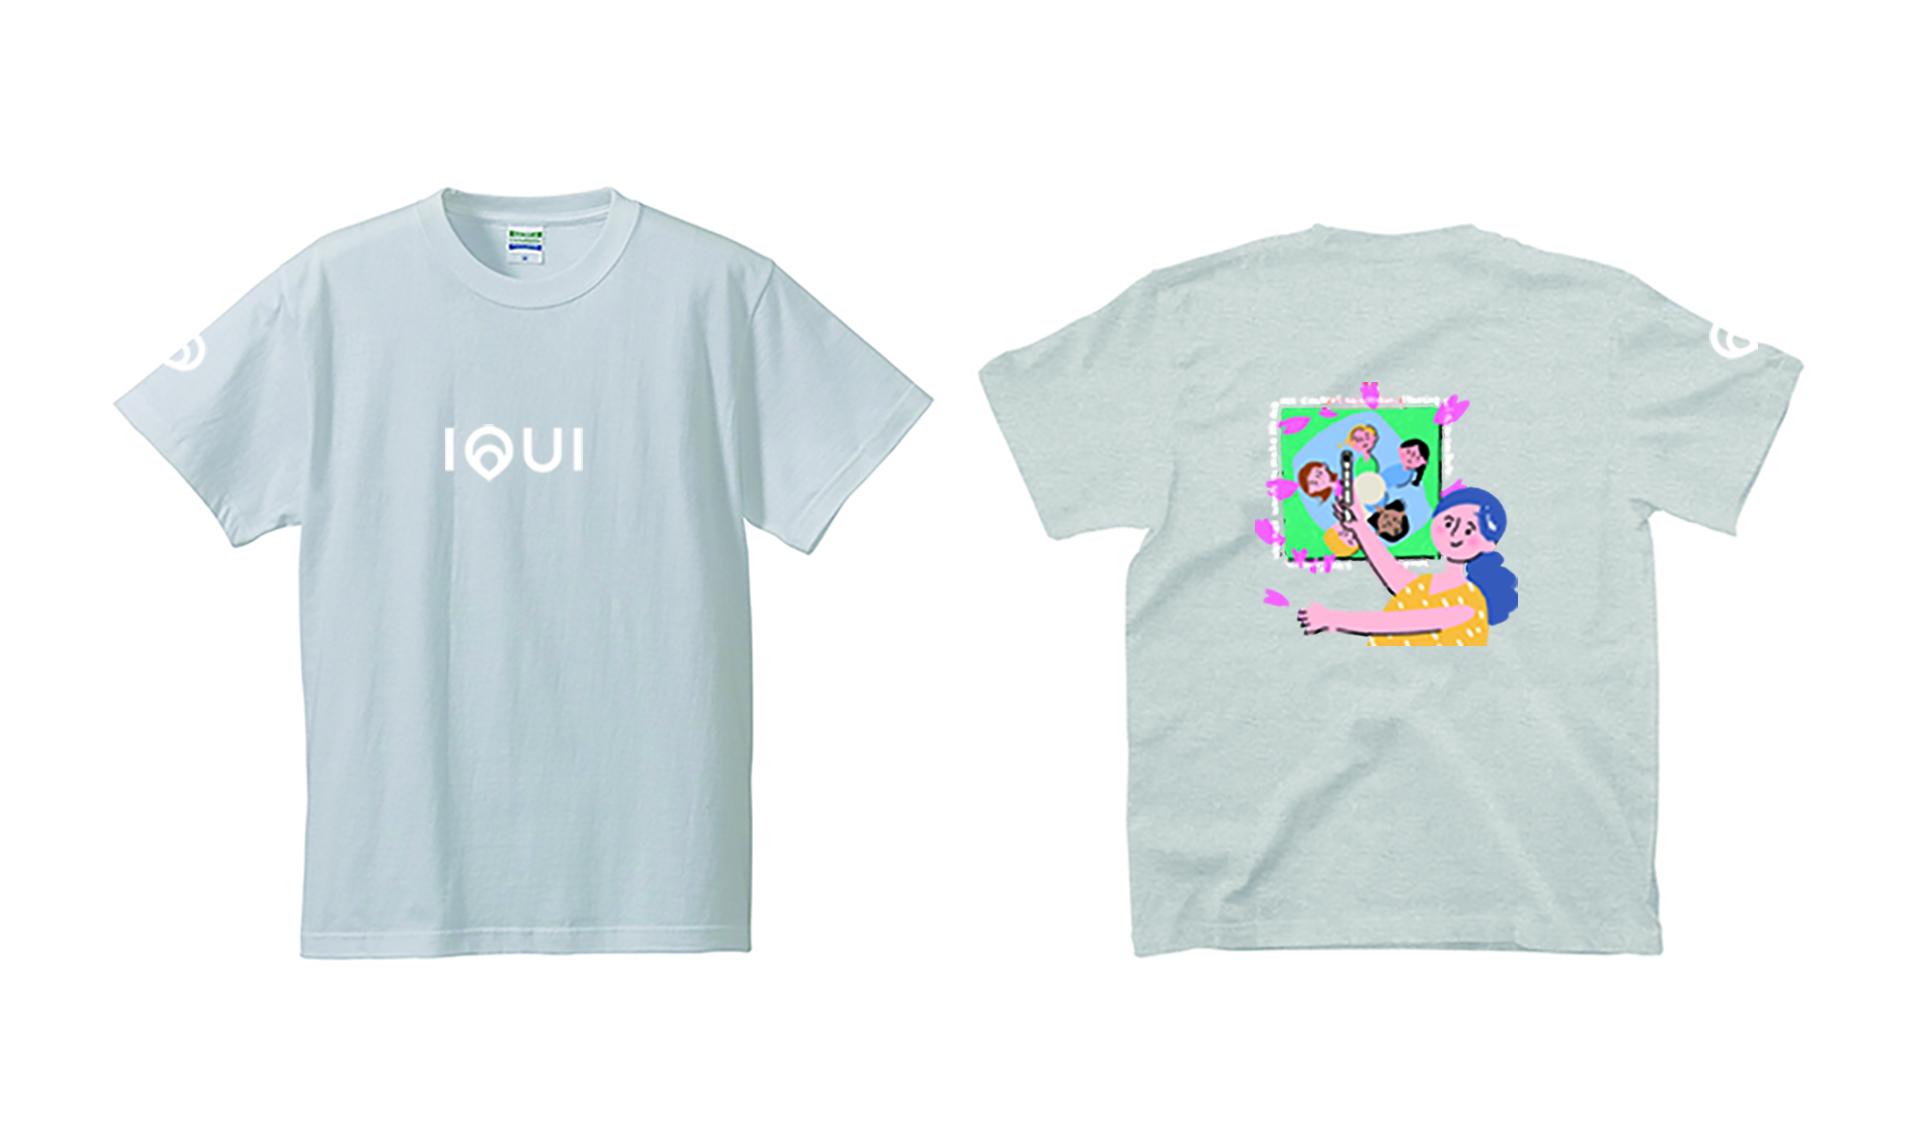 イクスピ子Tシャツ